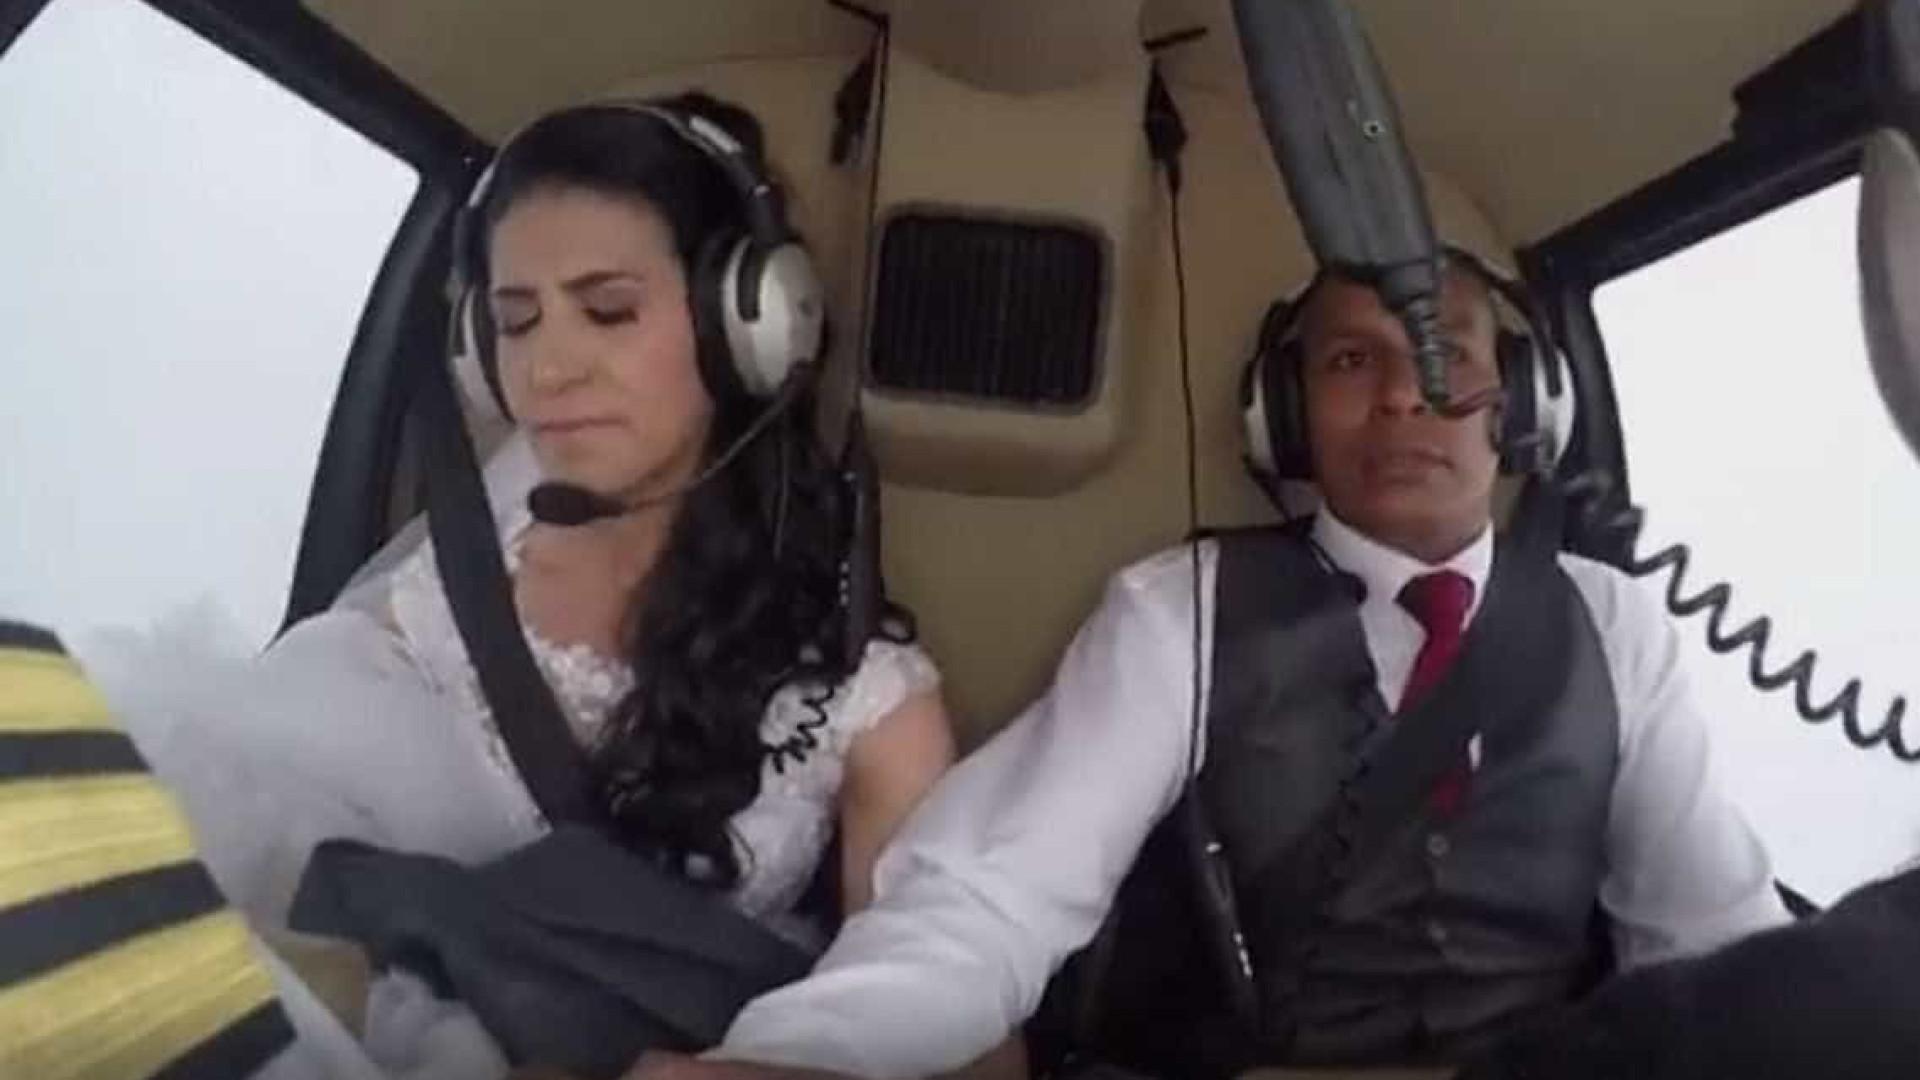 Queda de helicóptero filmada do interior do aparelho — Vídeo